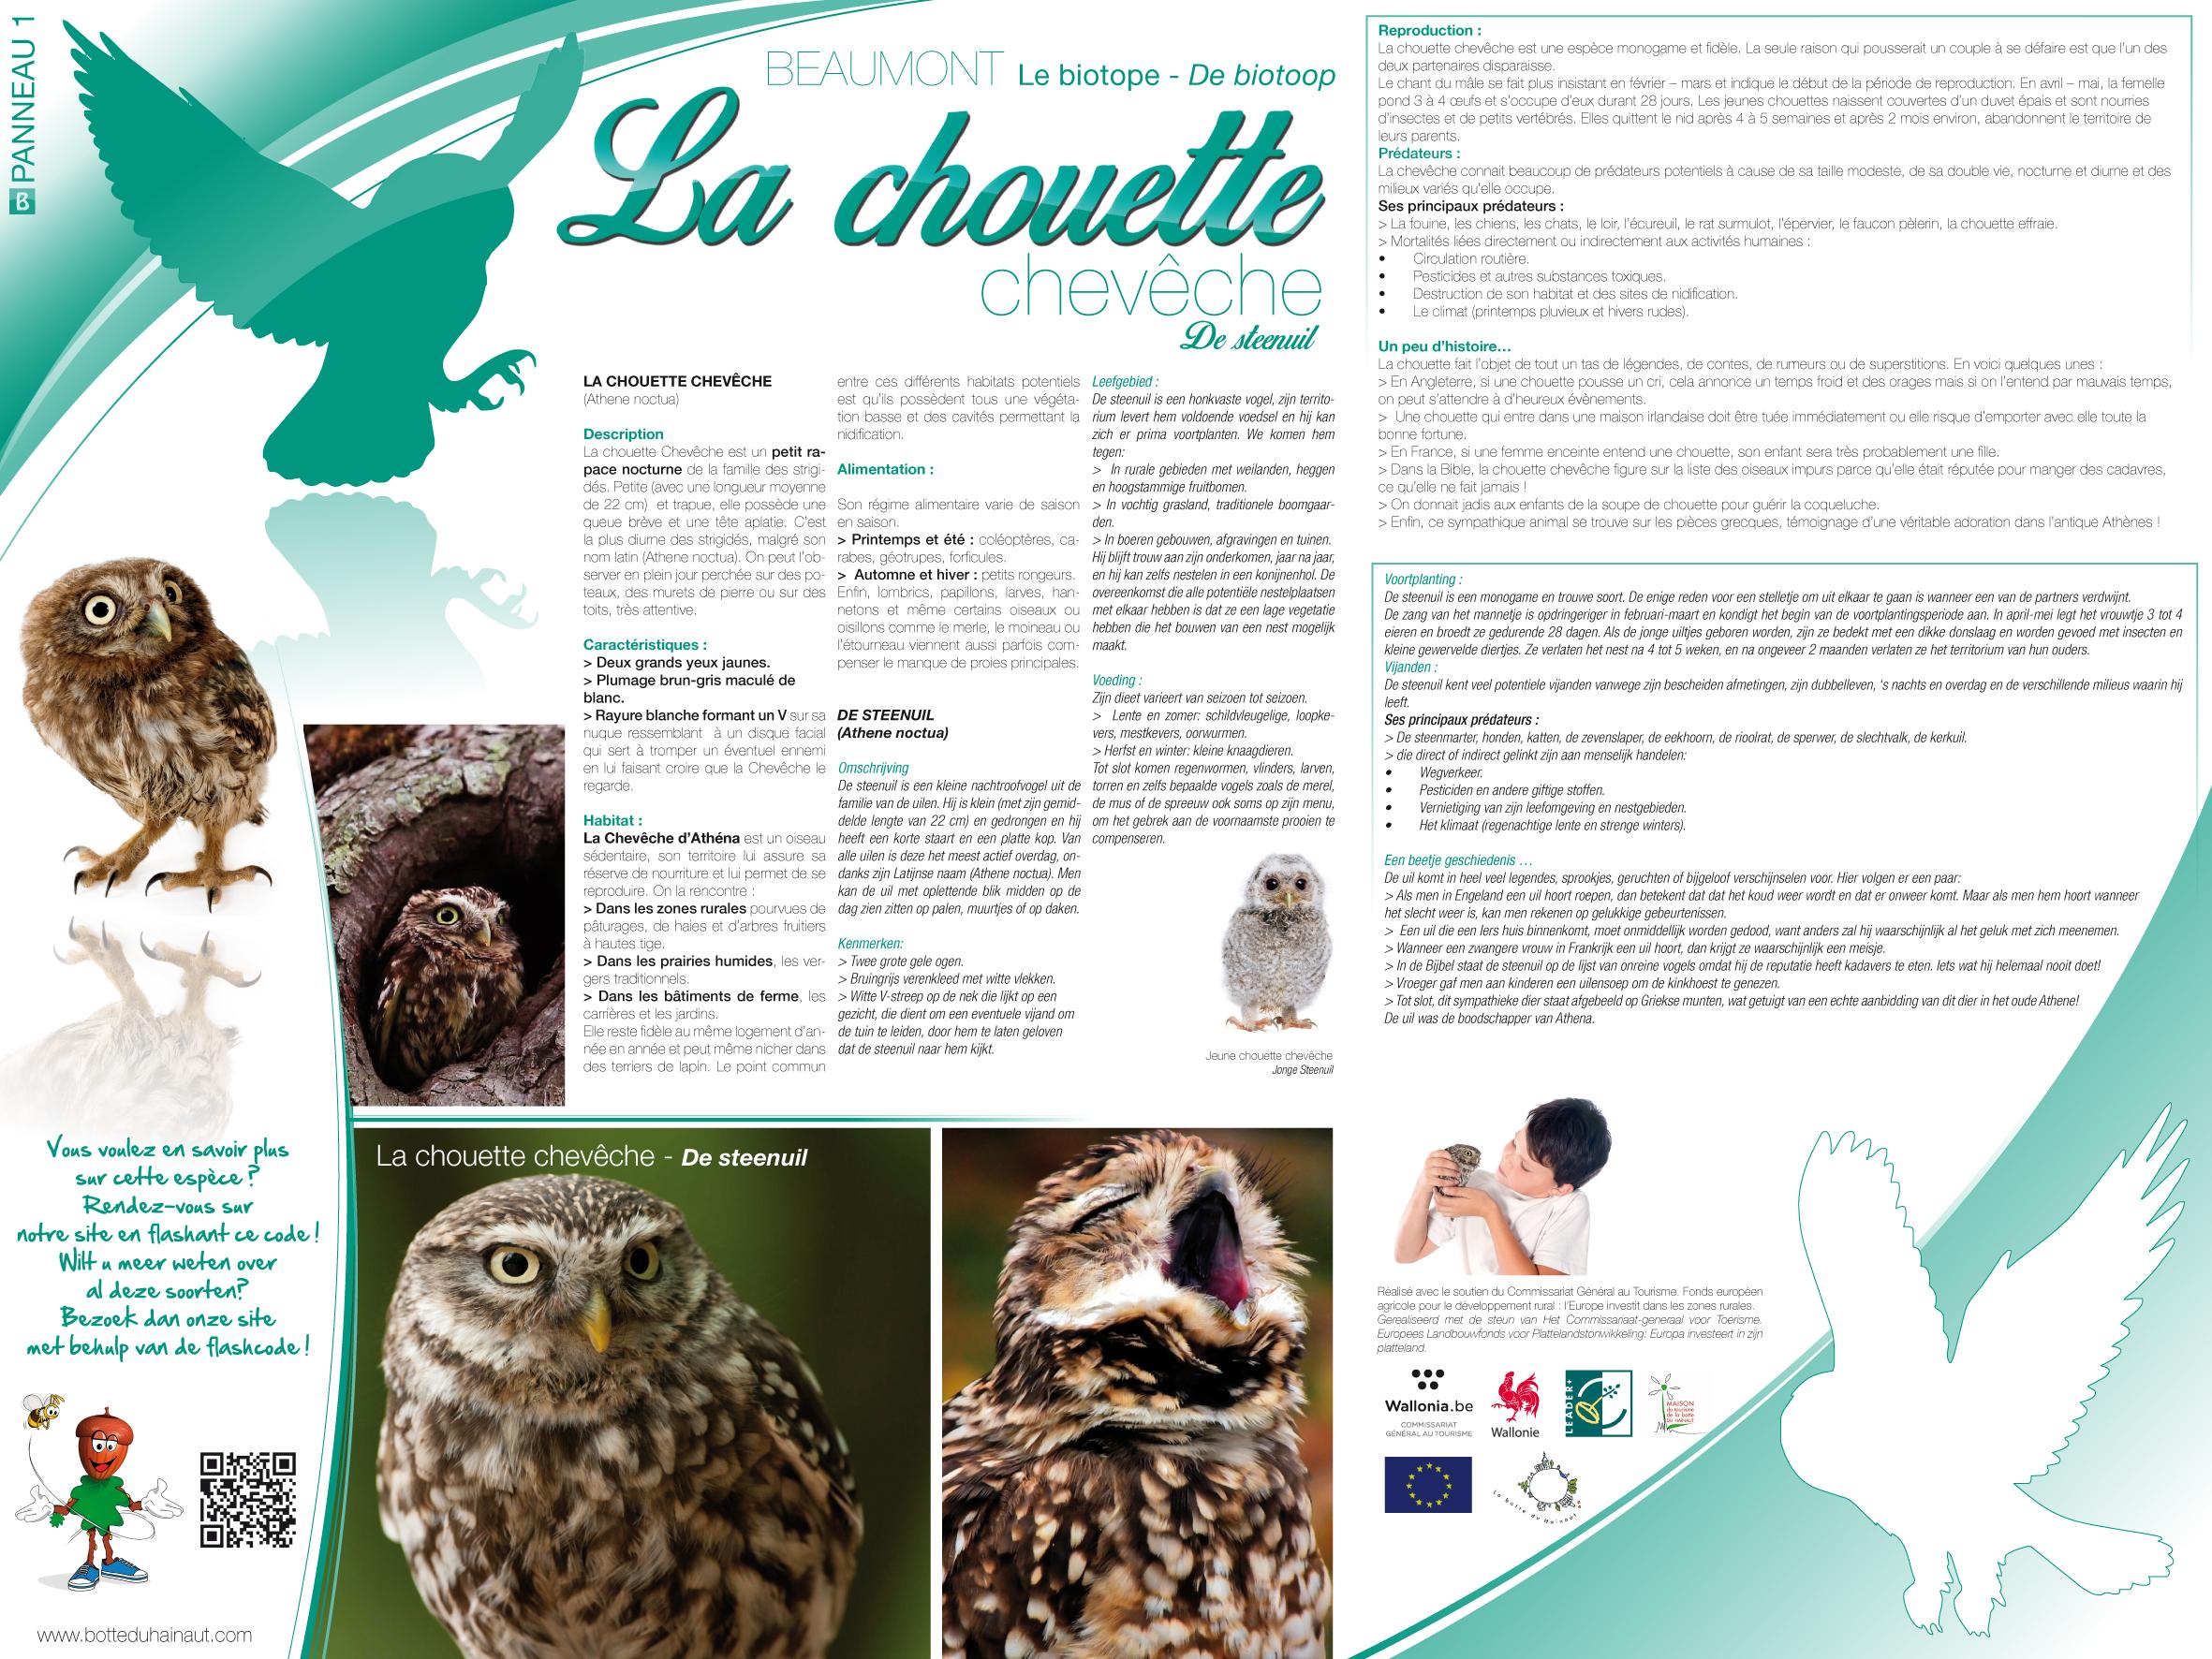 Beaumont_La chouette